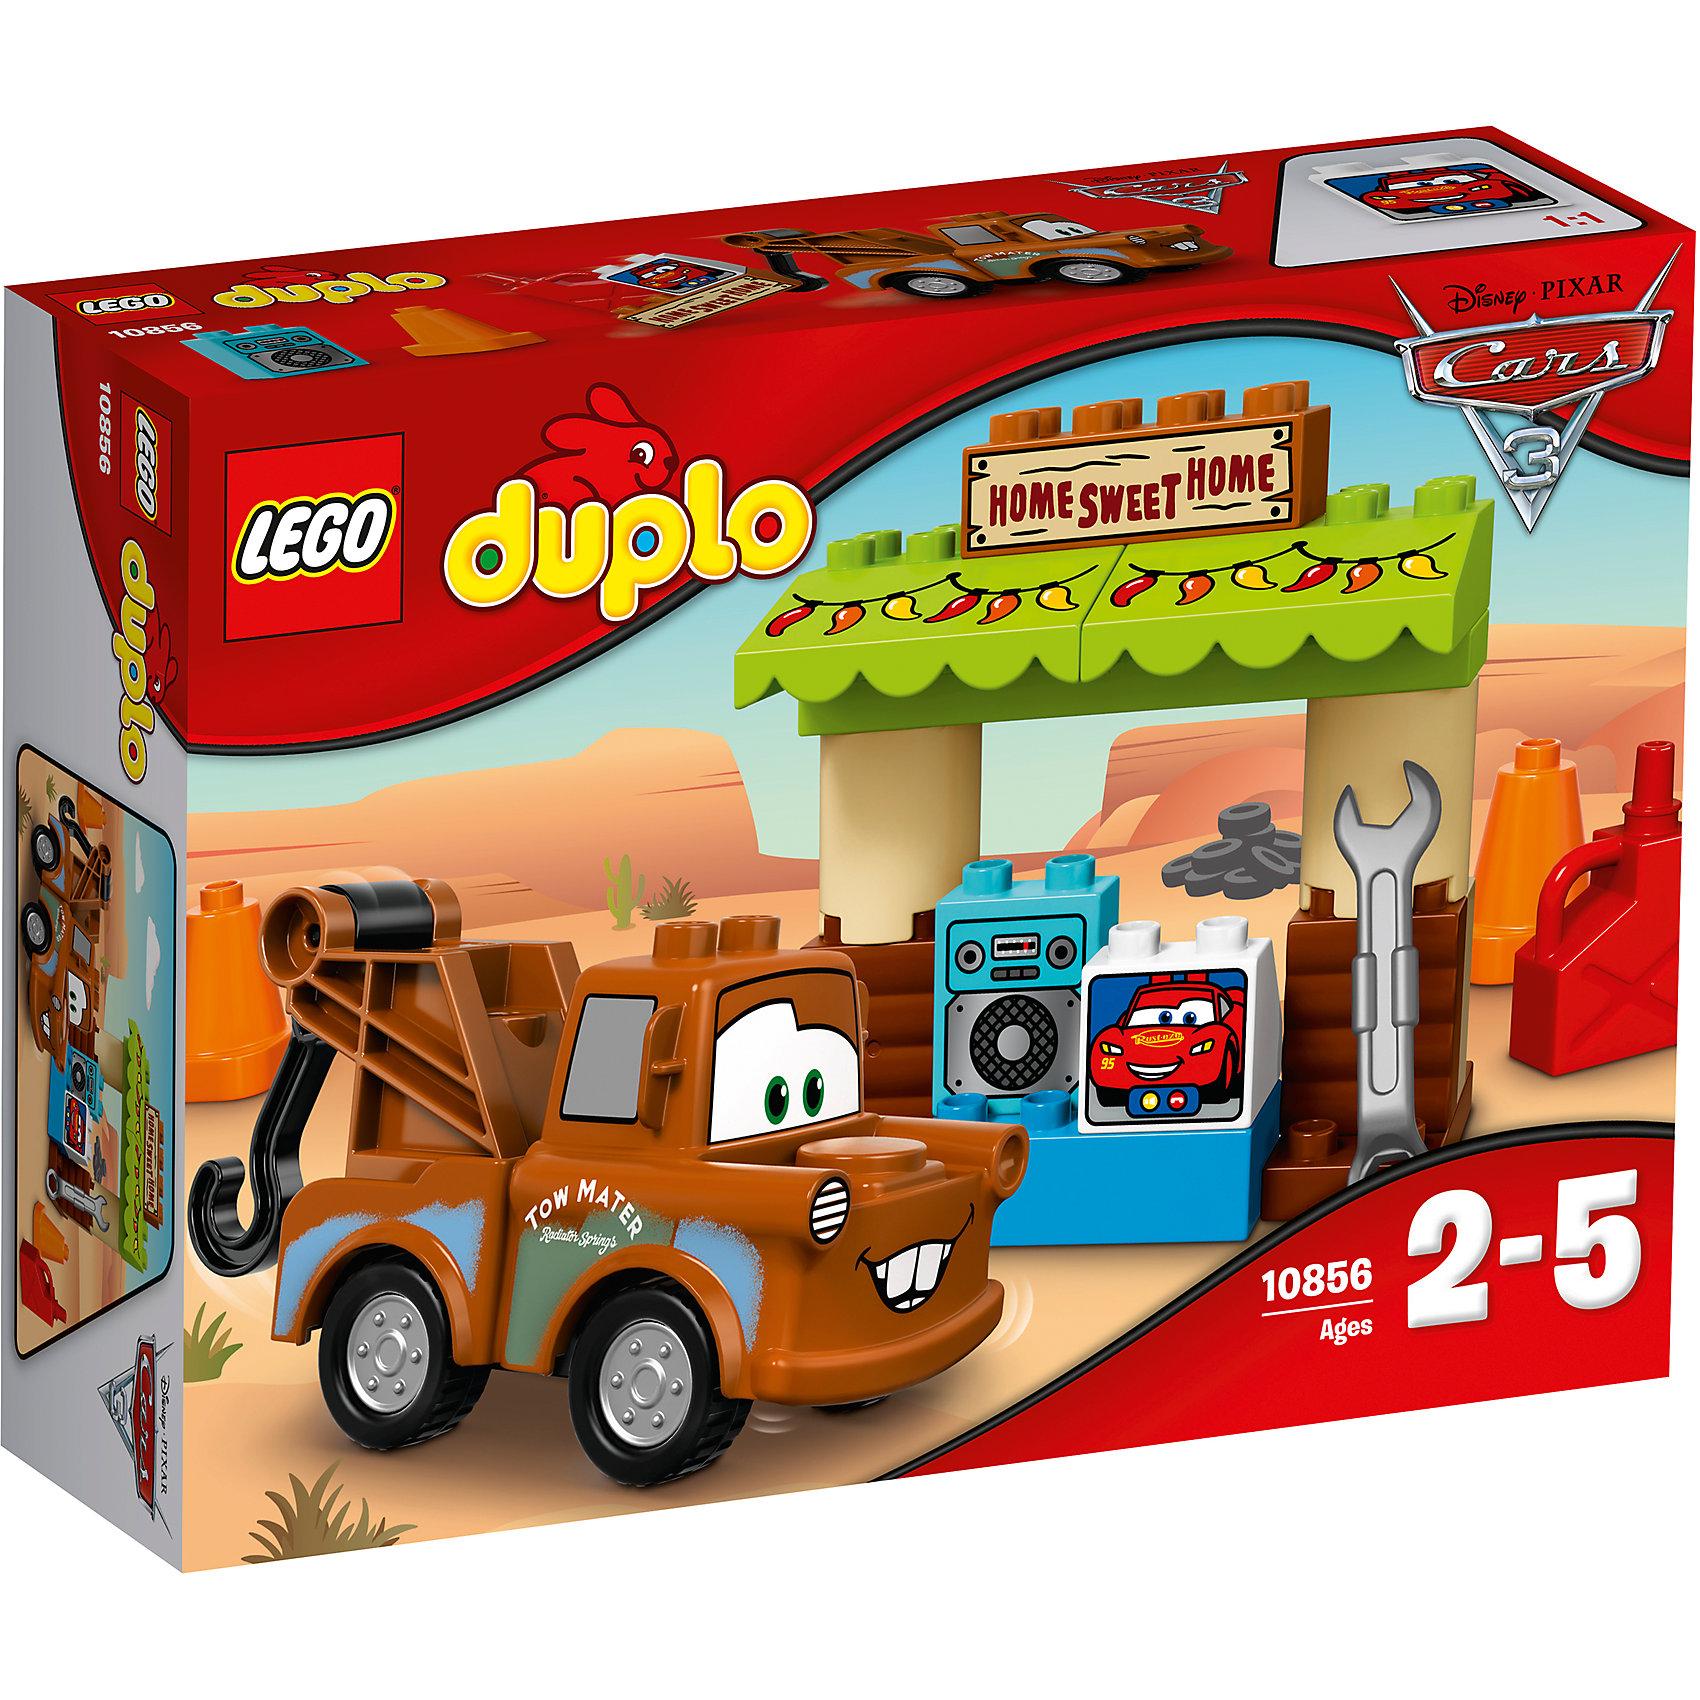 Конструктор LEGO DUPLO 10856 Тачки 3: Гараж МэтраКонструкторы для малышей<br>Характеристики товара:<br><br>• возраст: от 2 лет;<br>• материал: пластик;<br>• в комплекте: 23 детали, инструкция;<br>• размер упаковки: 26,2х19,1х7,2 см;<br>• вес упаковки: 380 гр.;<br>• страна производитель: Китай.<br><br>Конструктор Lego Duplo «Гараж Мэтра» создан по мотивам мультфильма «Тачки 3». Мэтр занимается ремонтом машинок в своем гараже. Ему придут на помощь все необходимые инструменты: гаечный ключ, конус и канистра. Гараж напоминает настоящий уютный домик Мэтра. Когда он захочет отдохнуть, он может послушать музыку или поговорить с лучшим другом Молнией МакКуином. <br><br>Из элементов предстоит собрать машинку и гараж. Все детали конструктора созданы из качественных безопасных материалов. В процессе сборки у ребенка развивается мелкая моторика рук, усидчивость, логическое мышление.<br><br>Конструктор Lego Duplo «Гараж Мэтра» можно приобрести в нашем интернет-магазине.<br><br>Ширина мм: 264<br>Глубина мм: 190<br>Высота мм: 81<br>Вес г: 383<br>Возраст от месяцев: 24<br>Возраст до месяцев: 2147483647<br>Пол: Мужской<br>Возраст: Детский<br>SKU: 5620068